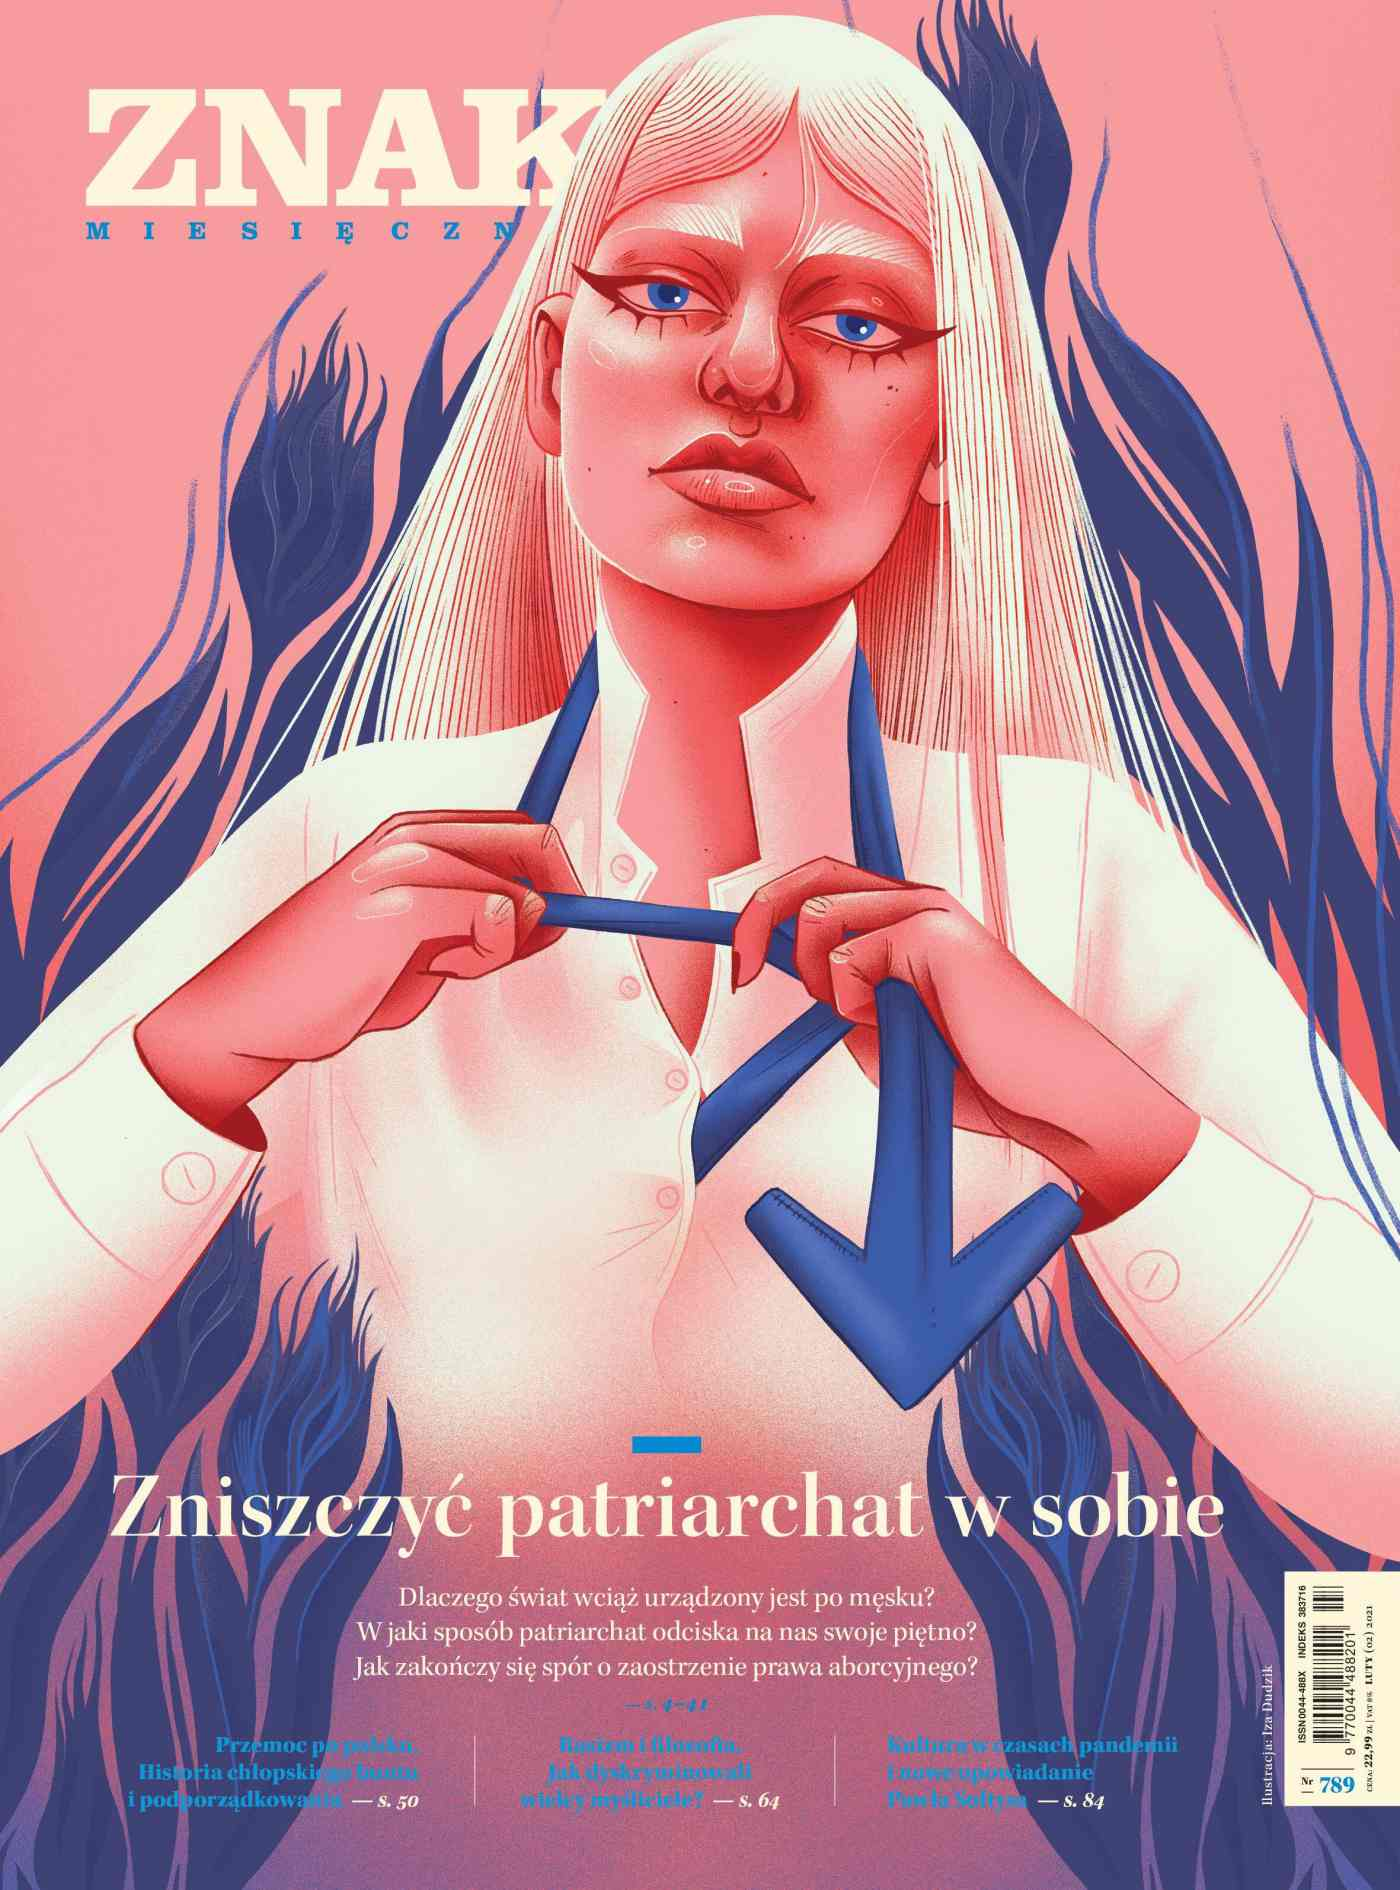 Miesięcznik Znak nr 789. Zniszczyć patriarchat w sobie - Ebook (Książka EPUB) do pobrania w formacie EPUB